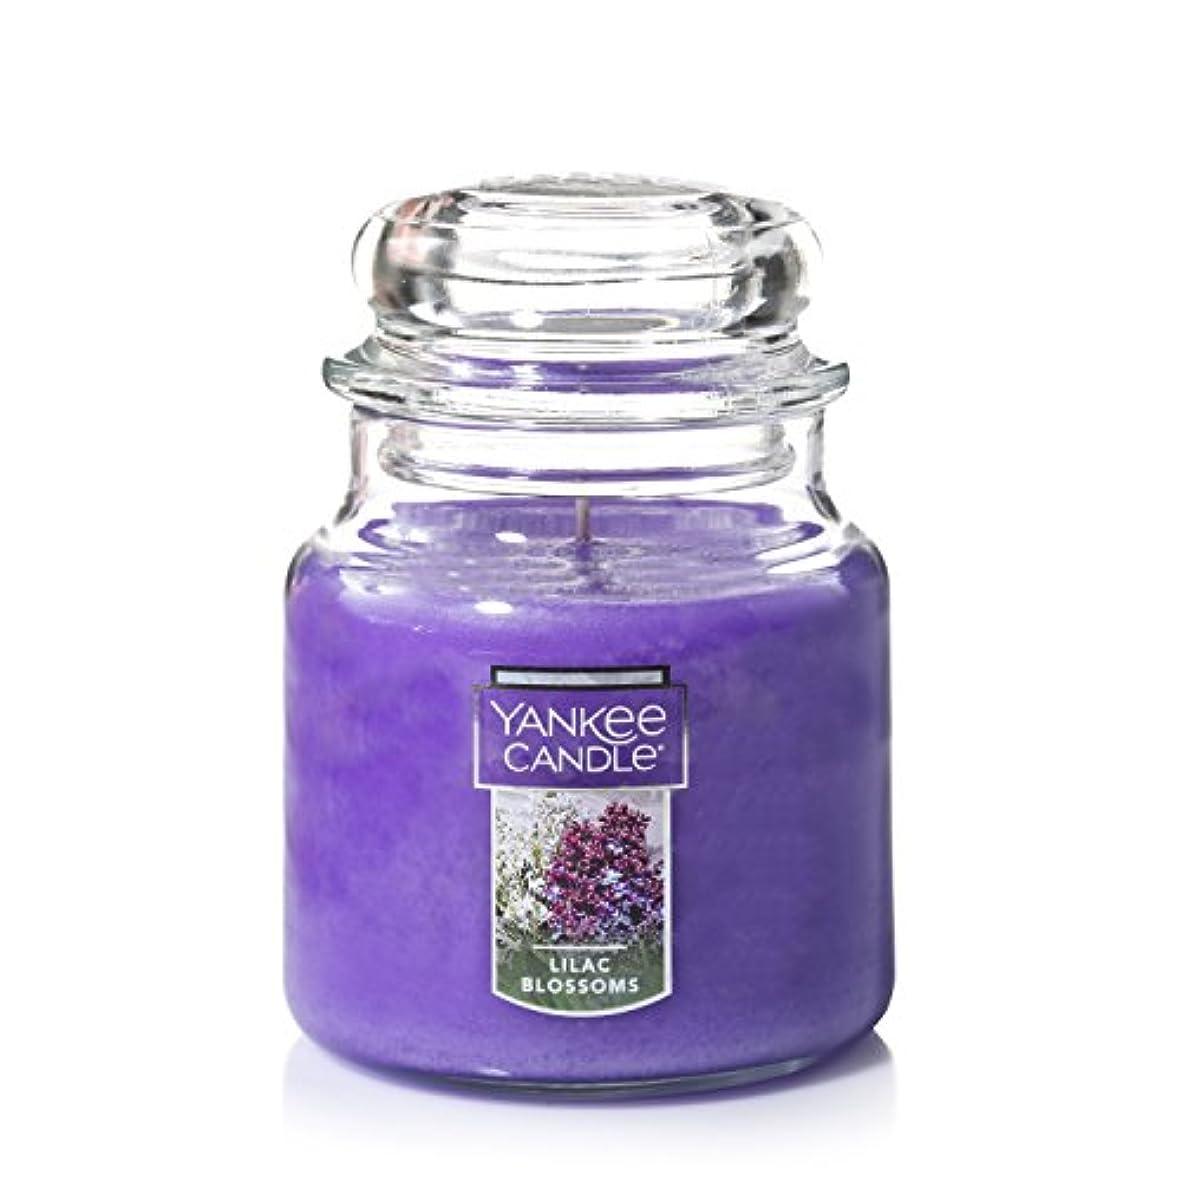 建築アーカイブライトニングYankee CandleライラックBlossoms Medium Jar 14.5oz Candle One パープル 1006996